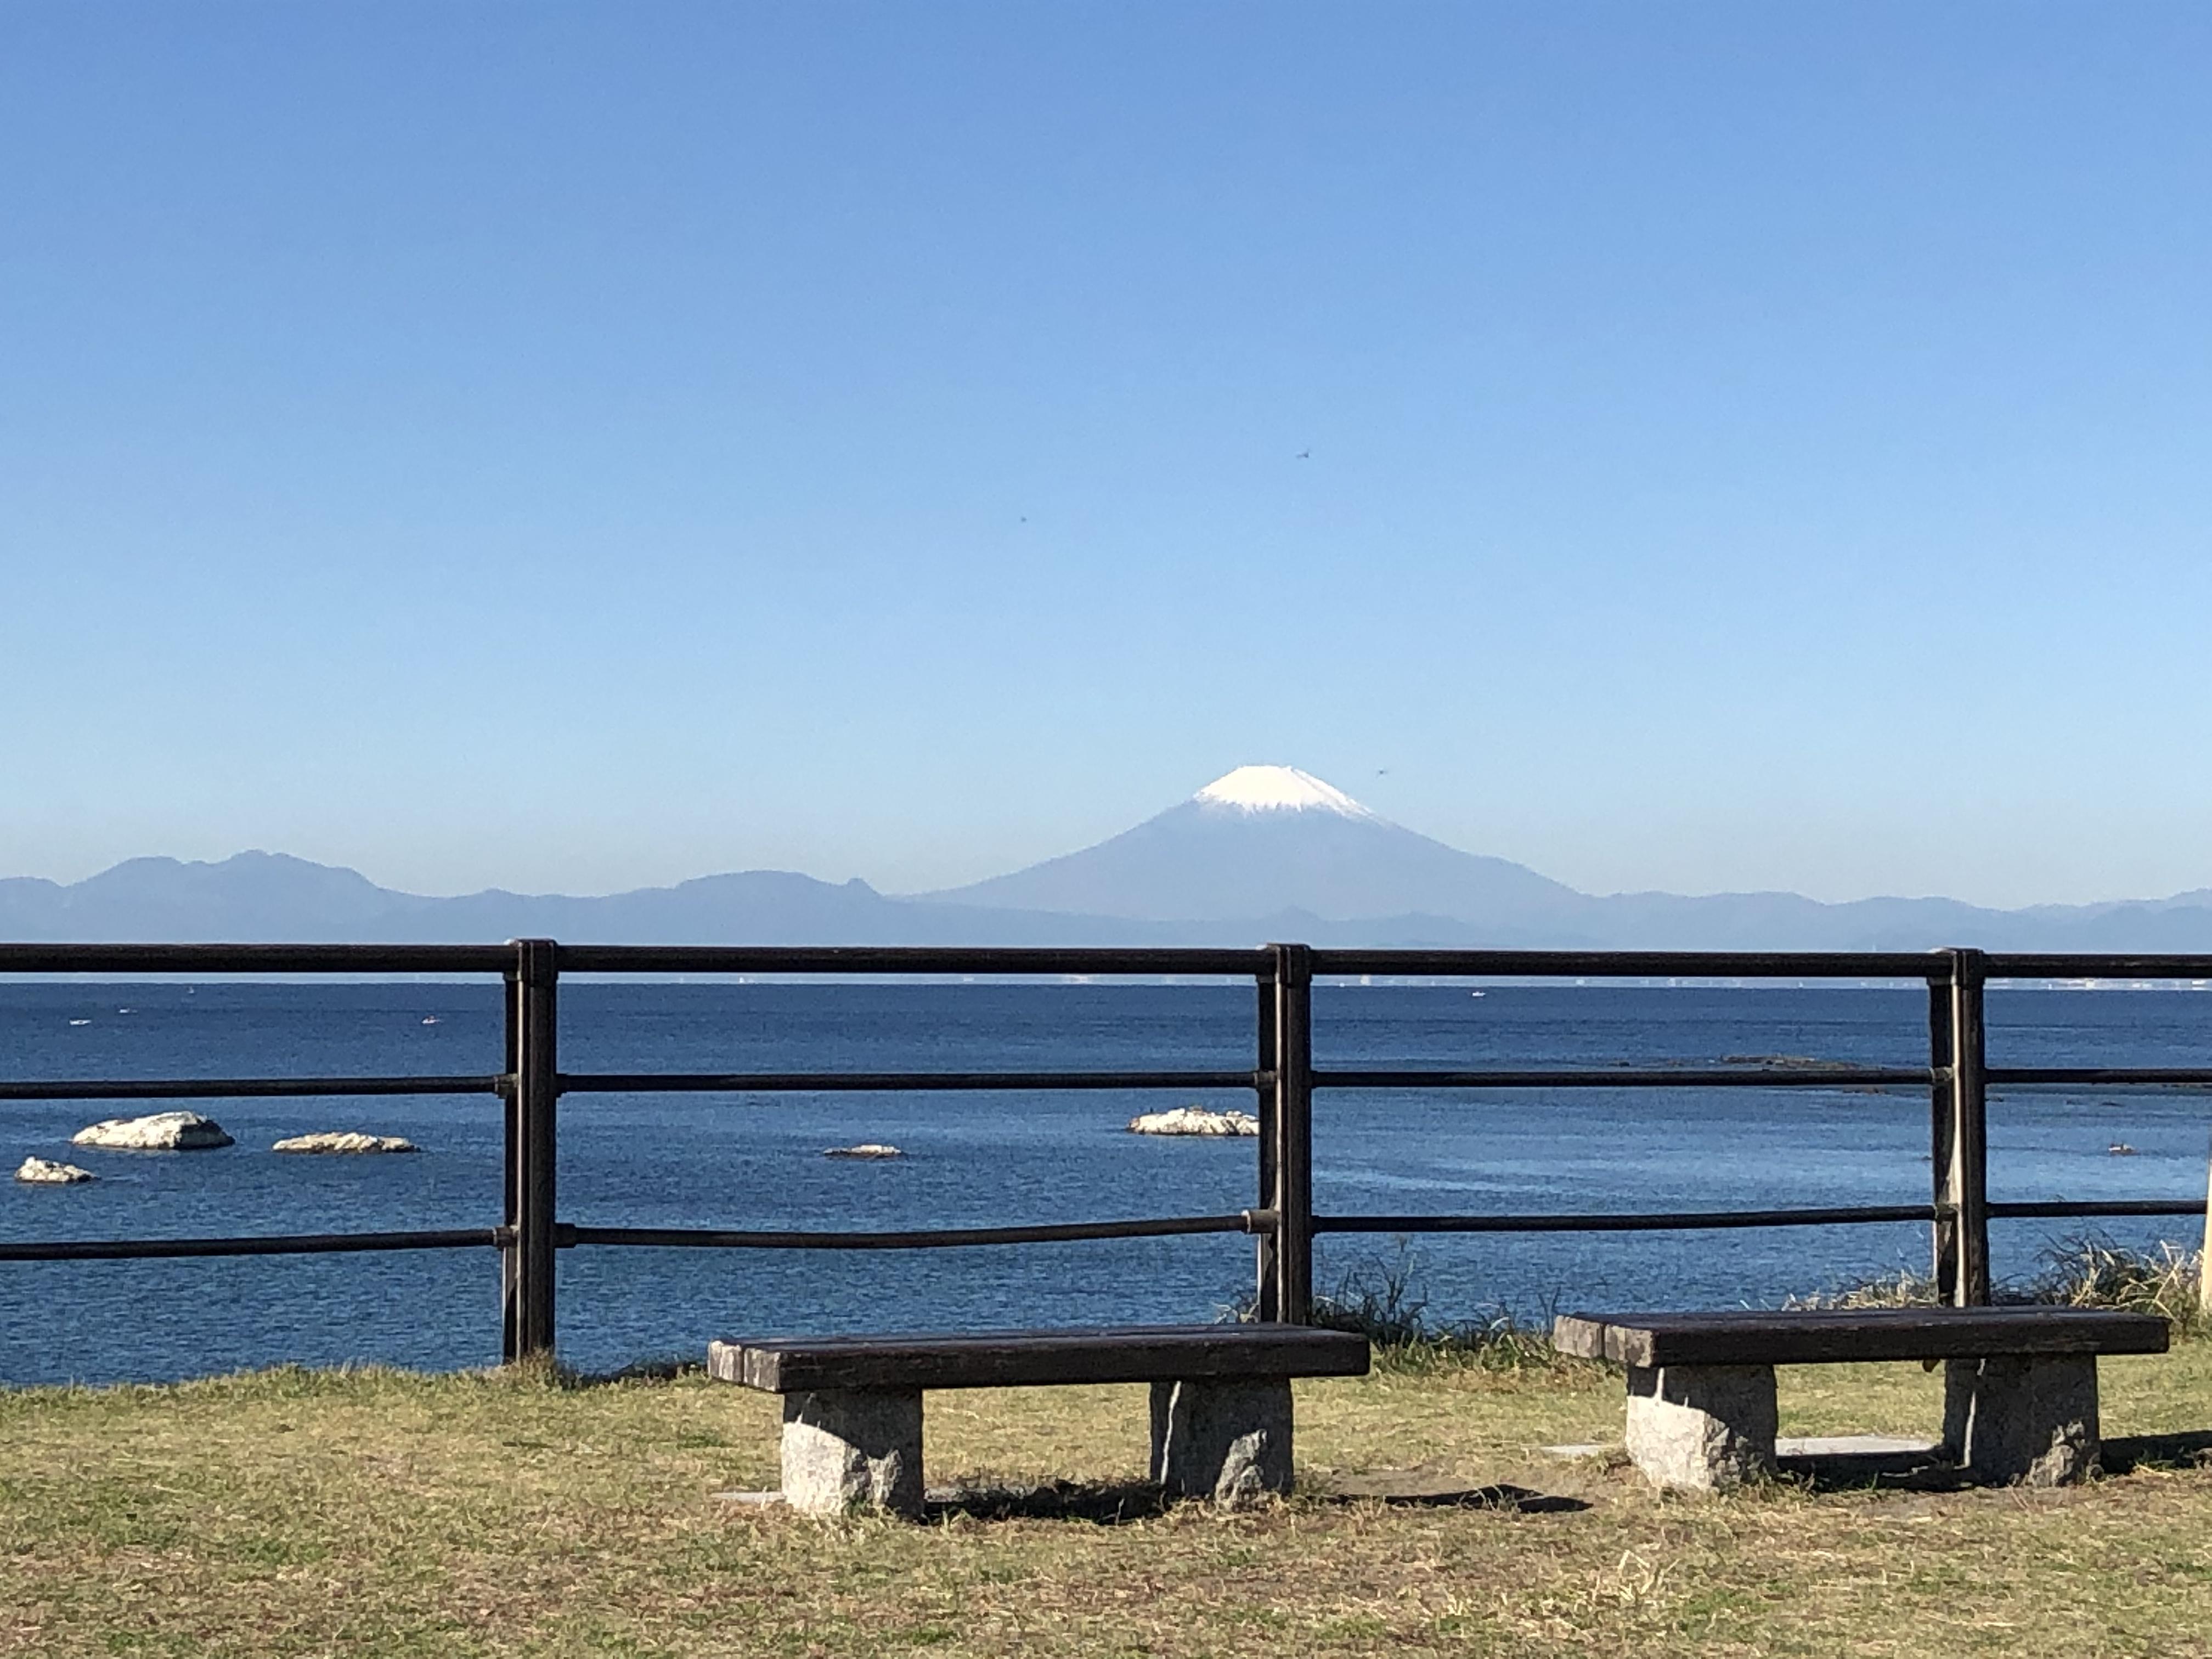 葉山公園から見た富士山。11月の冷たい朝の澄んだ空気が、くっきりとした富士山を見せてくれる。